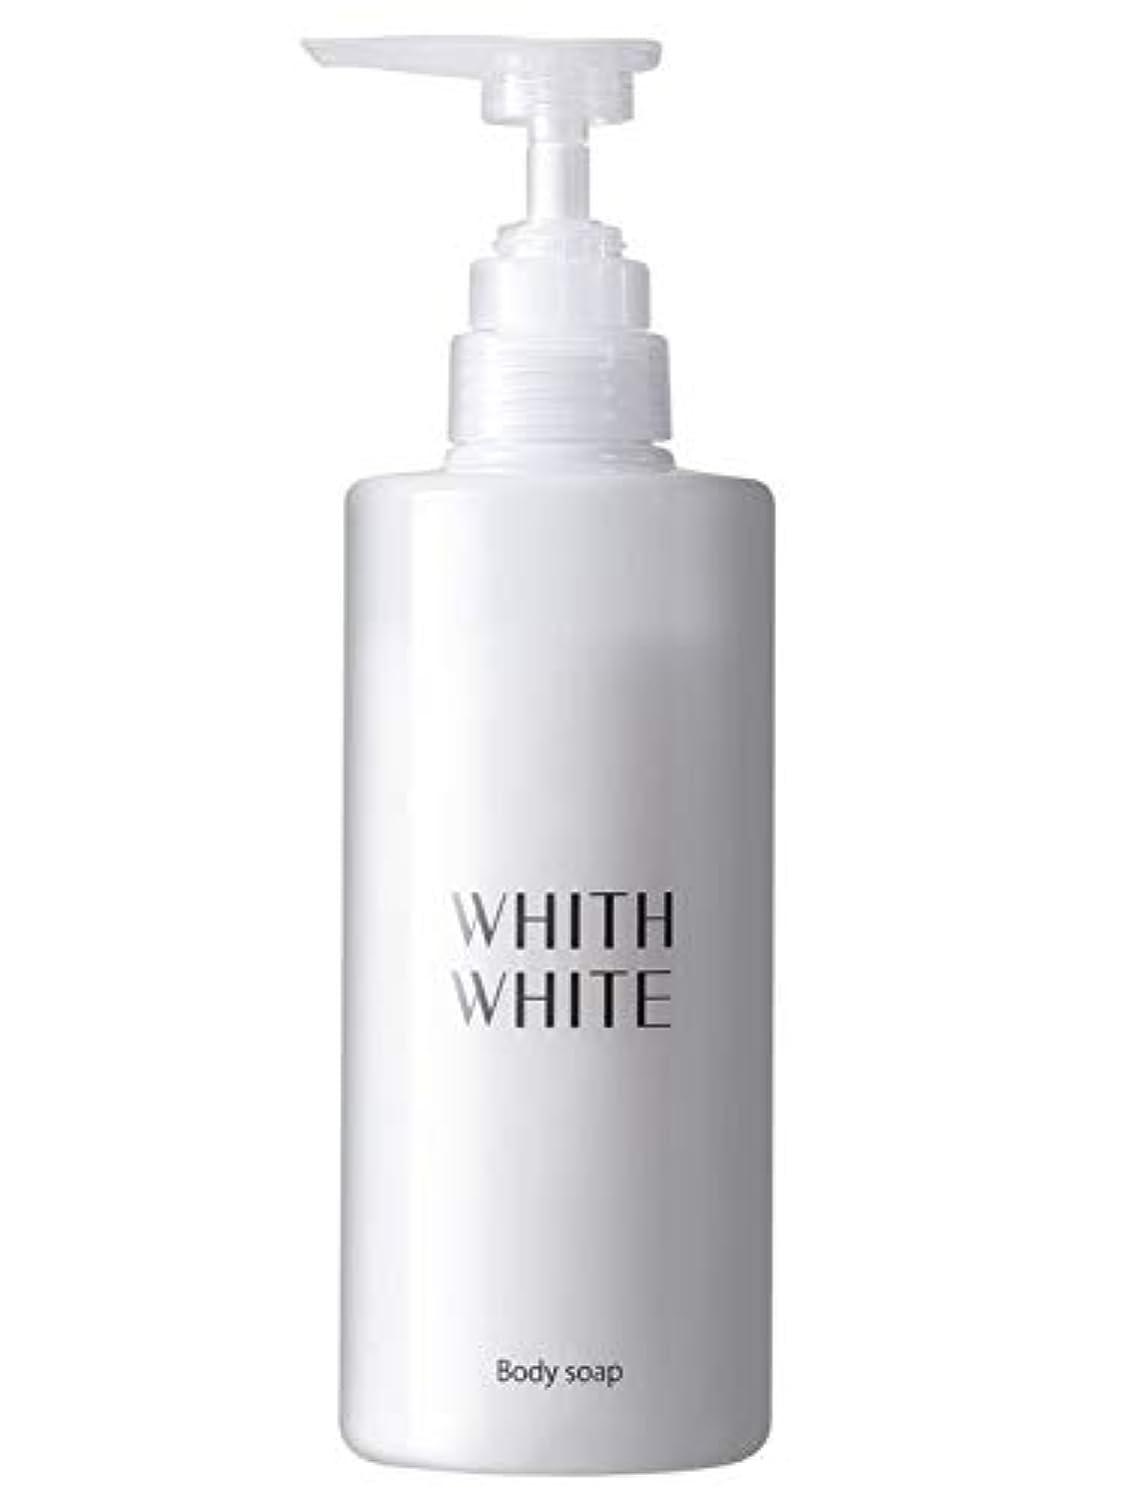 タイムリーな特徴じゃがいもフィス ホワイト ボディソープ 【 エレガントフローラルのいい香り 】 無添加 保湿 ボディーソープ 「 泡で黒ずみ さっぱり ボディシャンプー 」「 ヒアルロン酸 コラーゲン セラミド 配合」450ml